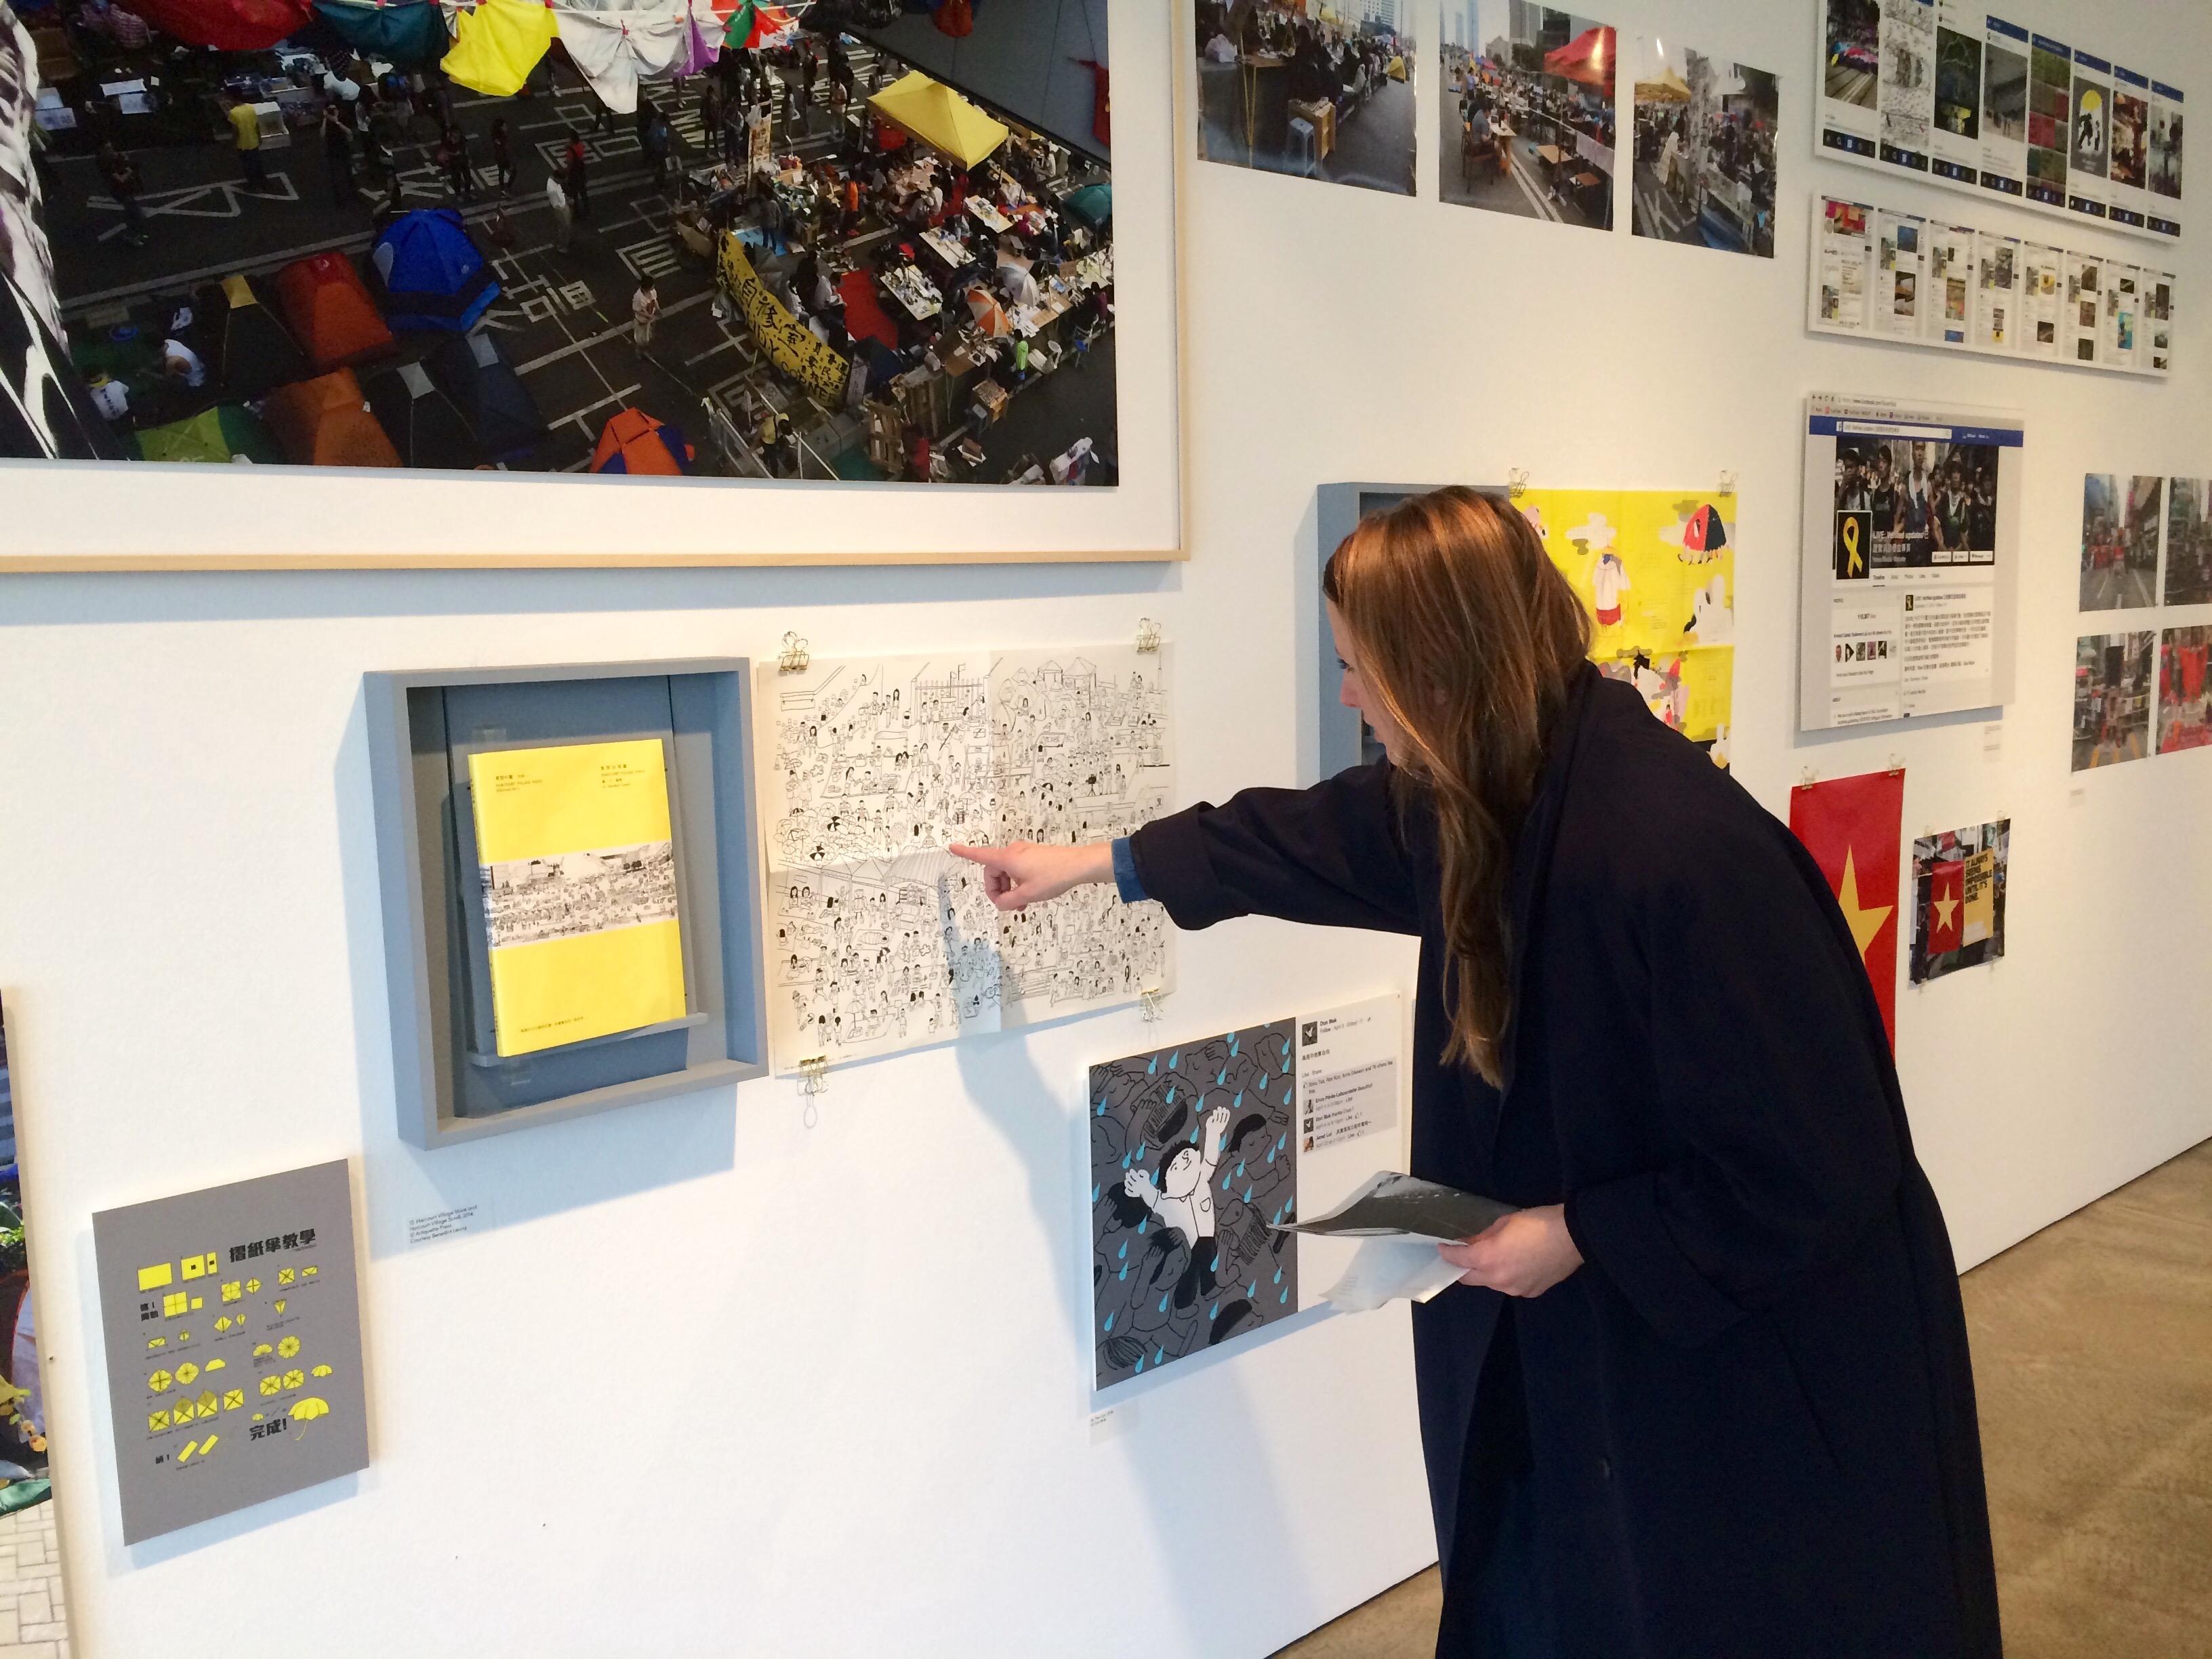 «Design ist eine kreative Übersetzung»: Designerin Matylda Krzykowski in der aktuellen Ausstellung der Vitra-Galerie.